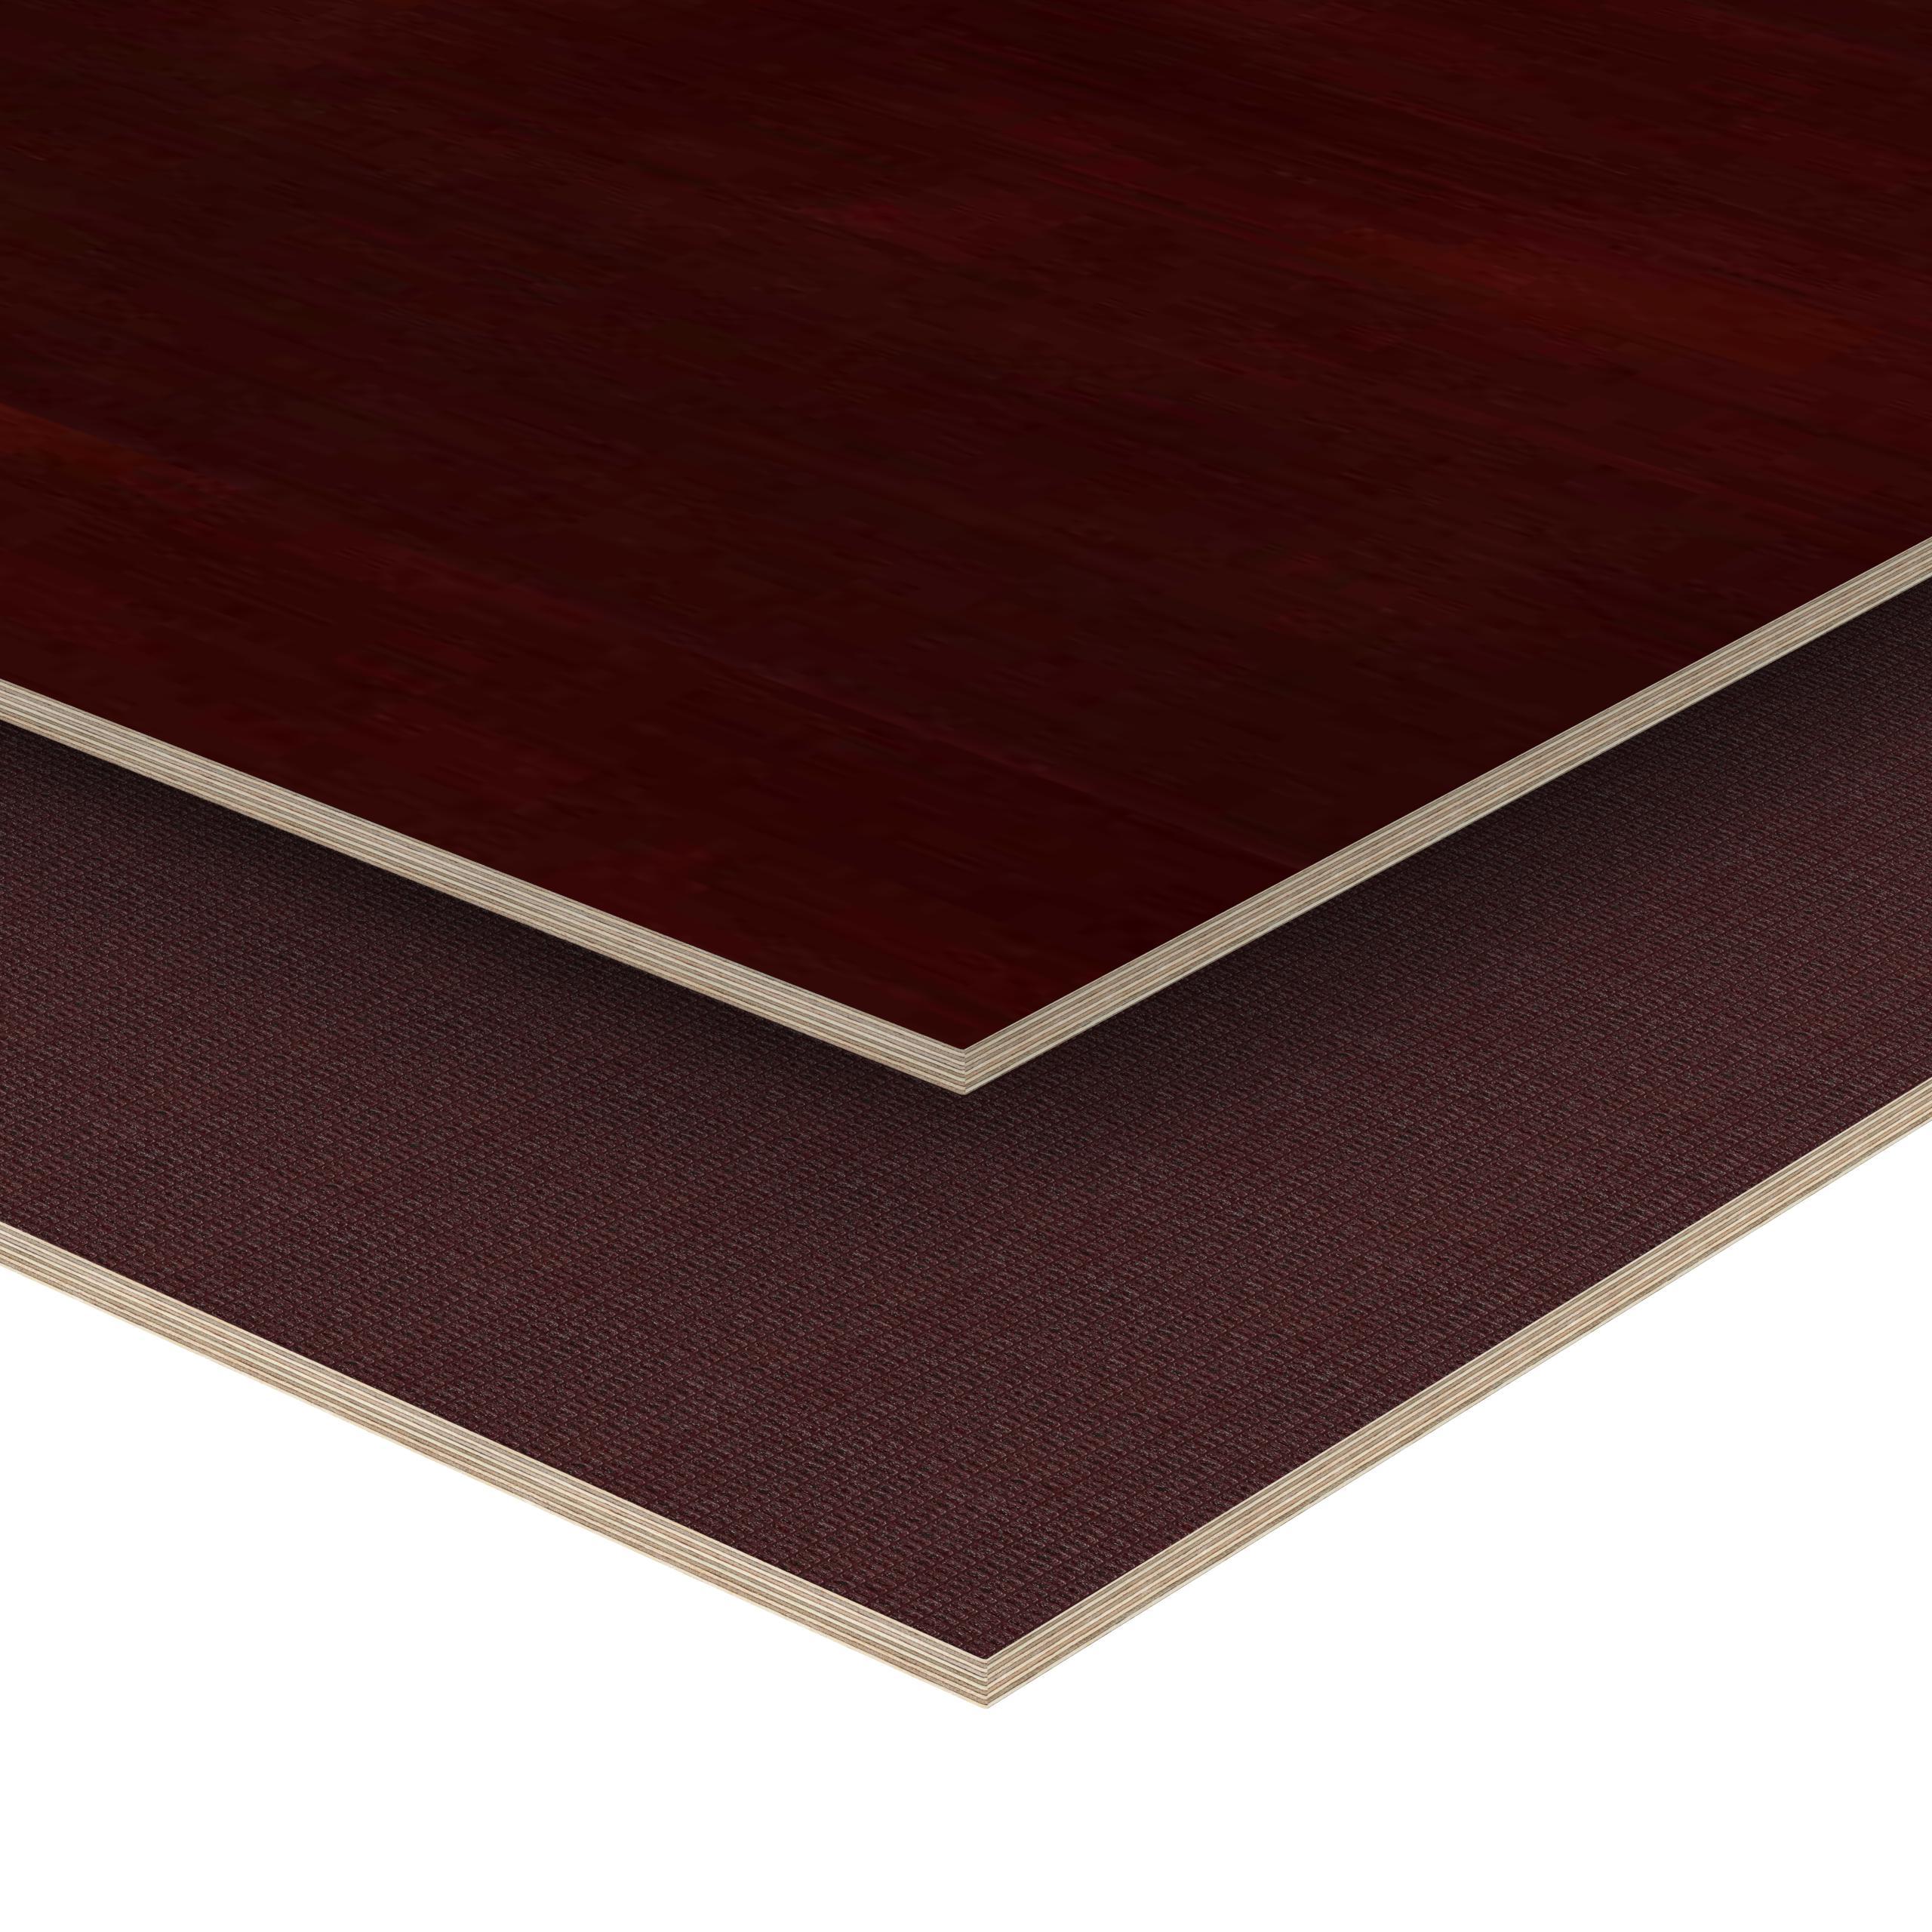 Siebdruckplatte 24mm Zuschnitt Multiplex Birke Holz Bodenplatte 150x80 cm